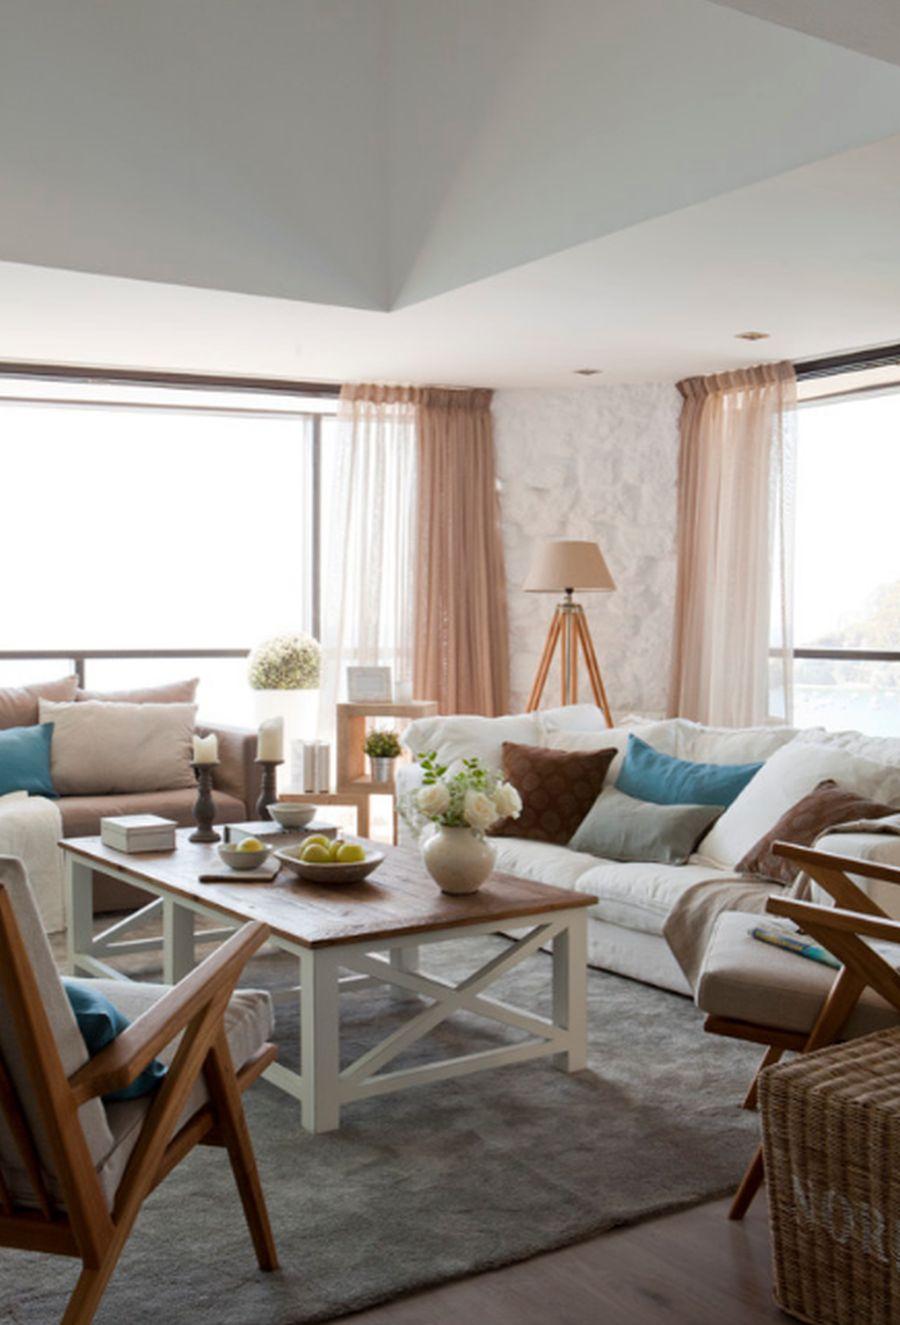 adelaparvu.com despre apartament duplex cu vedere la mare, Costa Brava, designer Pia Capdevila (2)